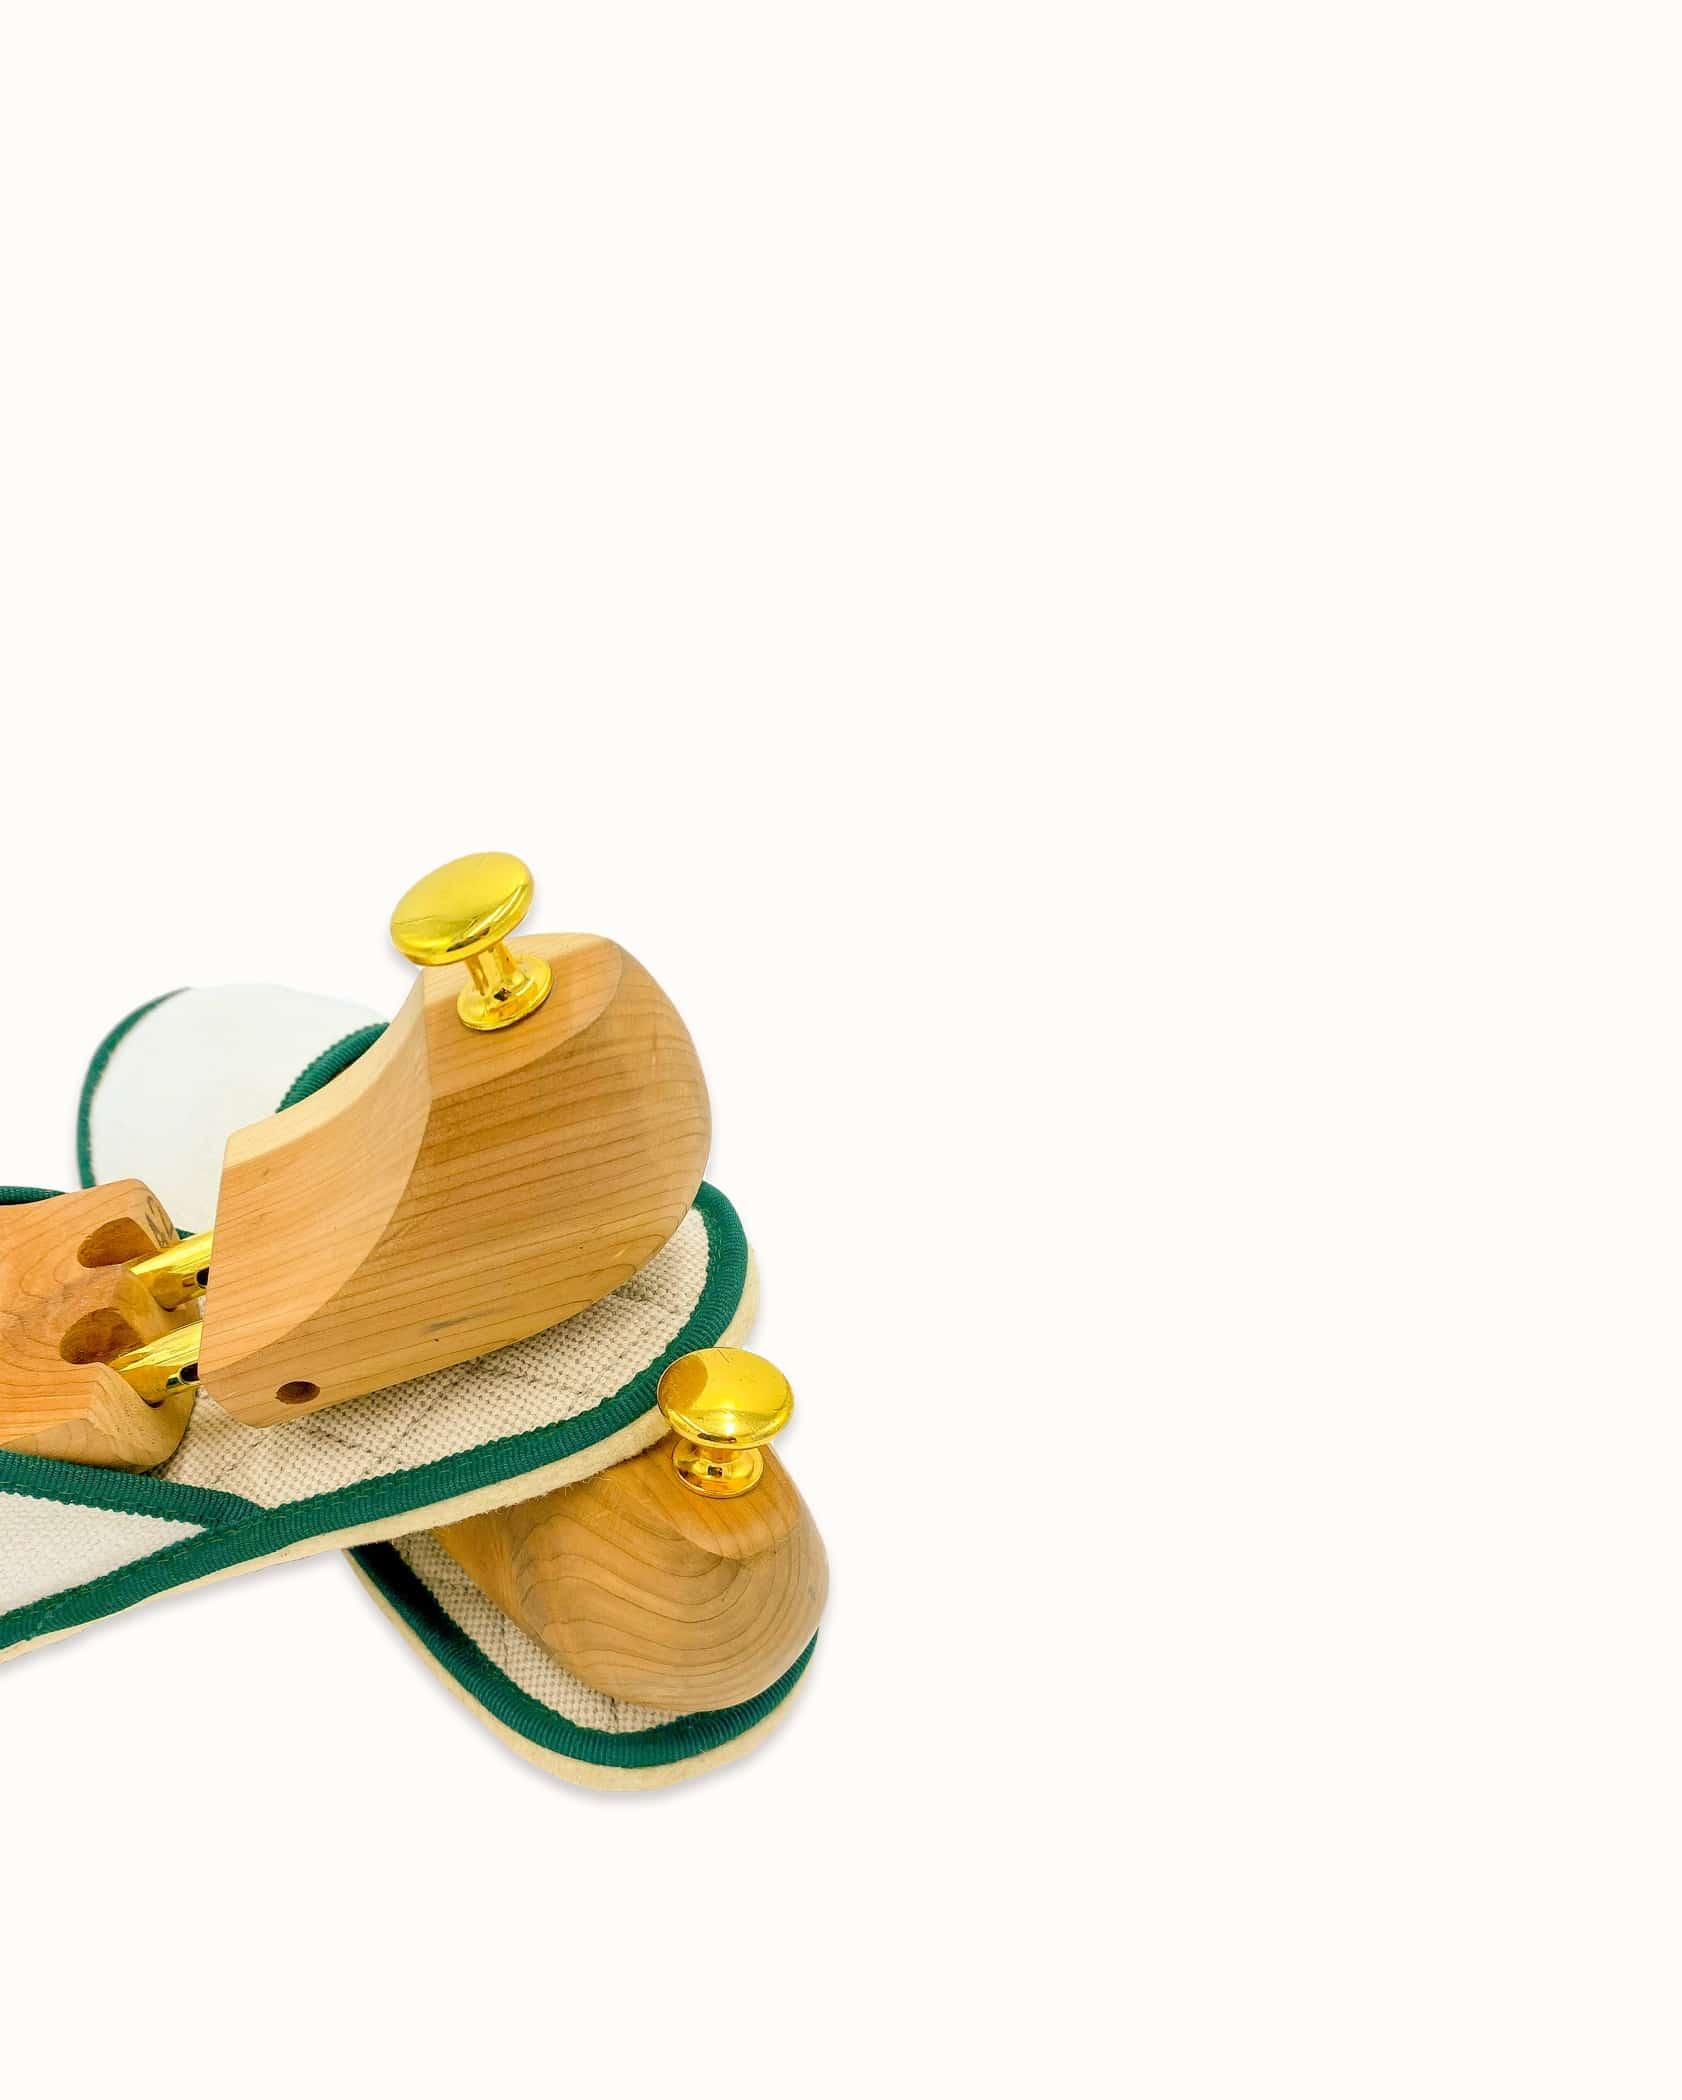 Chausson français pour homme, femme et enfant fabriqué en France. Modèle Rayon Vert (beige et vert), une pantoufle comme à l'hôtel vêtue d'un rembourrage matelassé et d'une finition sophistiquée.